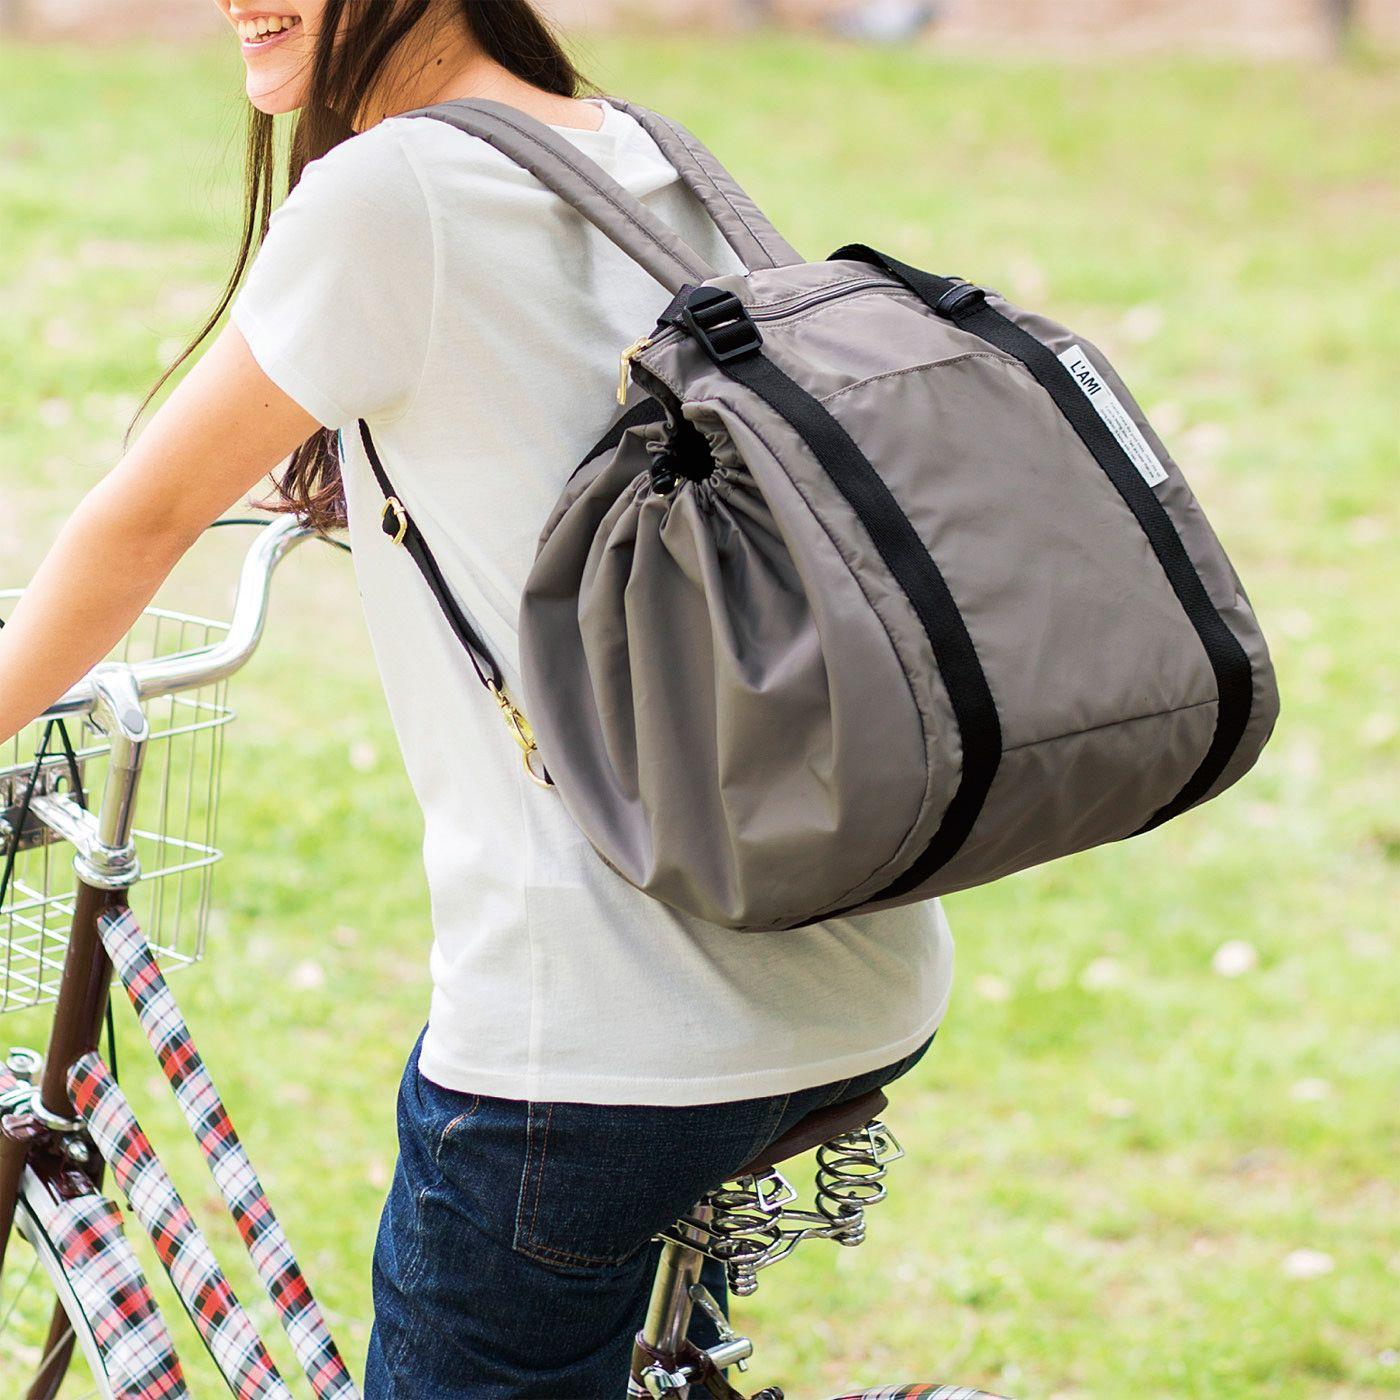 前かごに荷物がいっぱいでもリュックにもできるから便利。たくさん買い出しできそう。